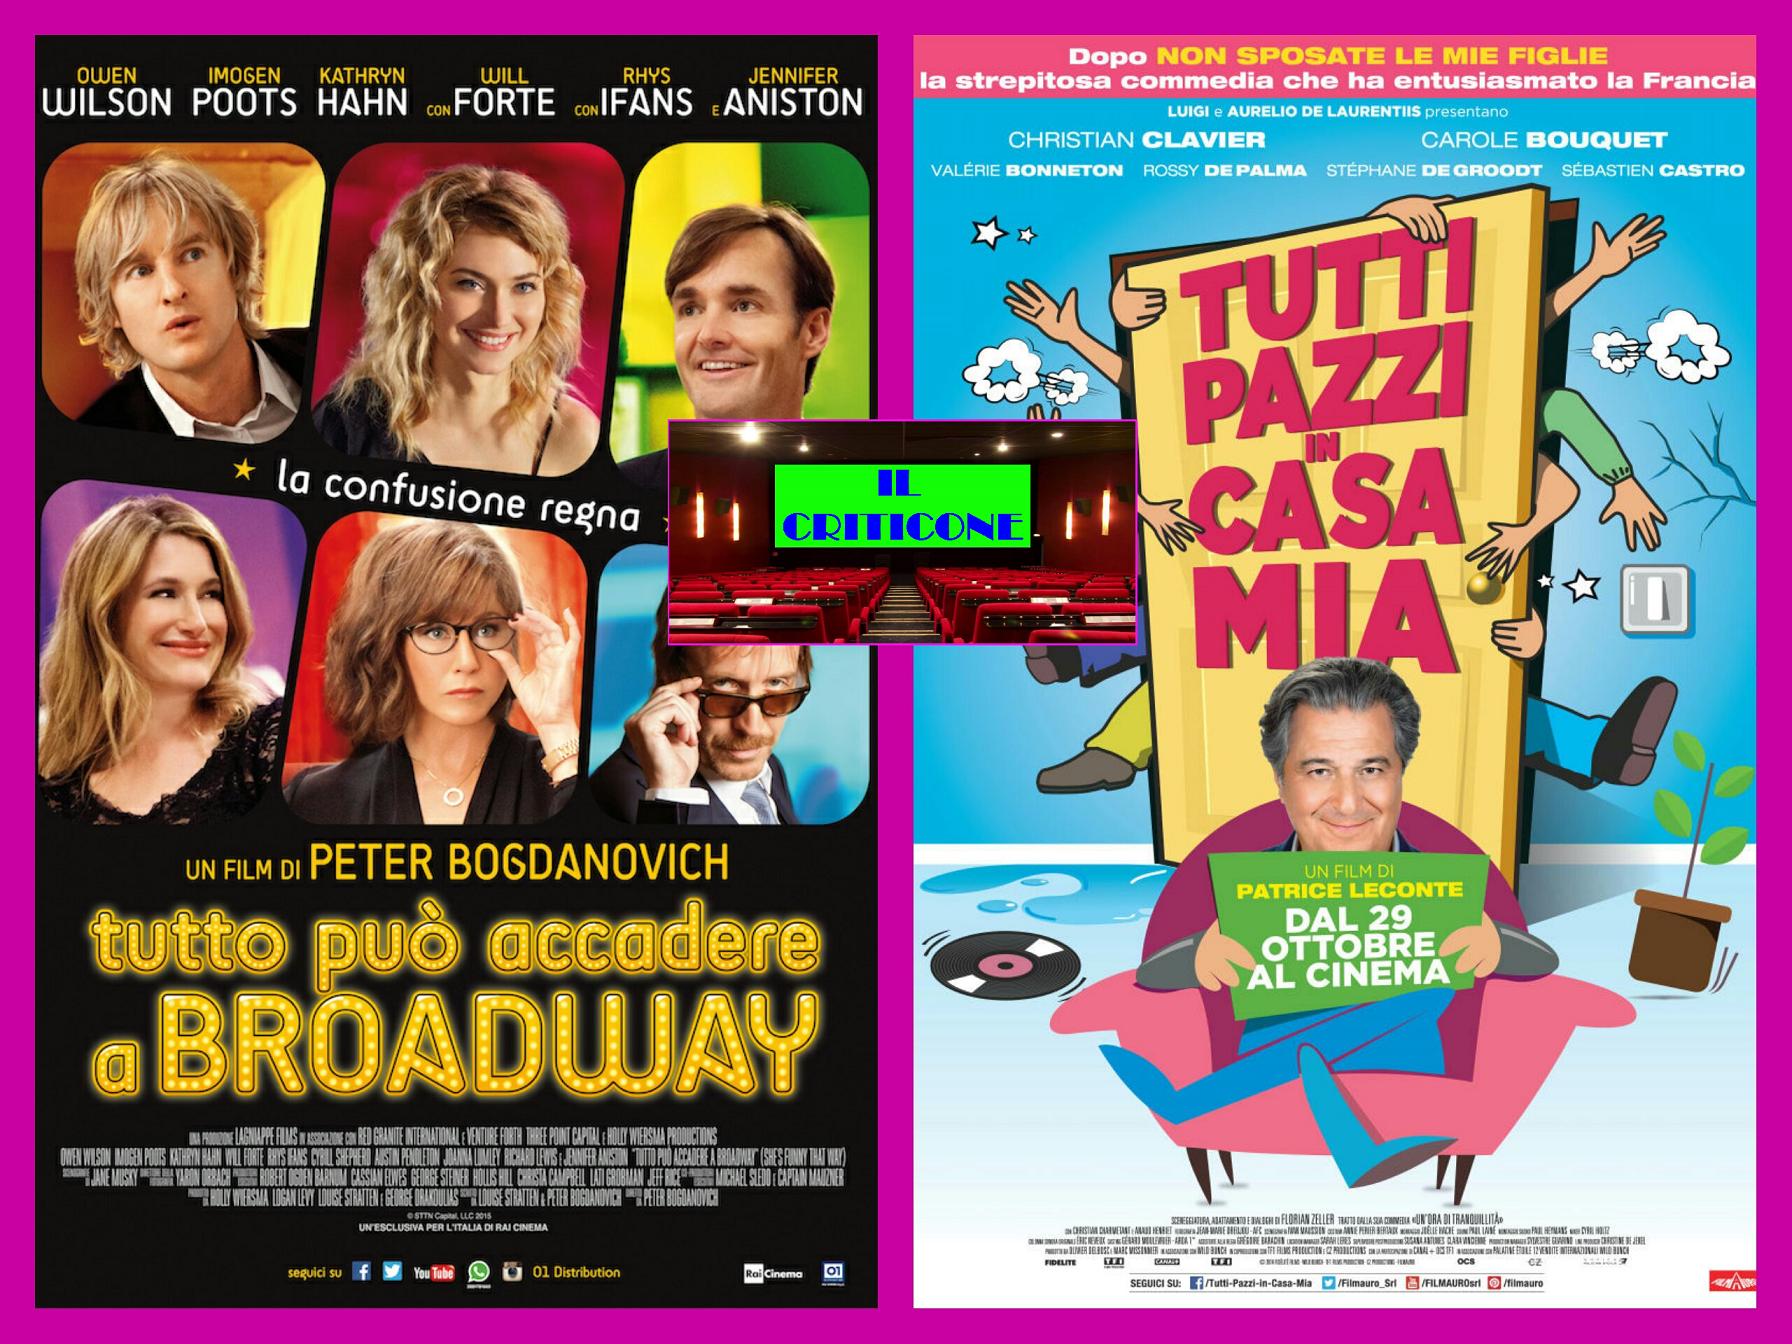 """Nuova puntata della rubrica """"Il Criticone"""" con due commedie degli equivoci come """"Tutto può accadere a Broadway"""" e """"Tutti pazzi in casa mia"""".  TUTTO PUÒ ACCADERE A BROADWAY Il […]"""